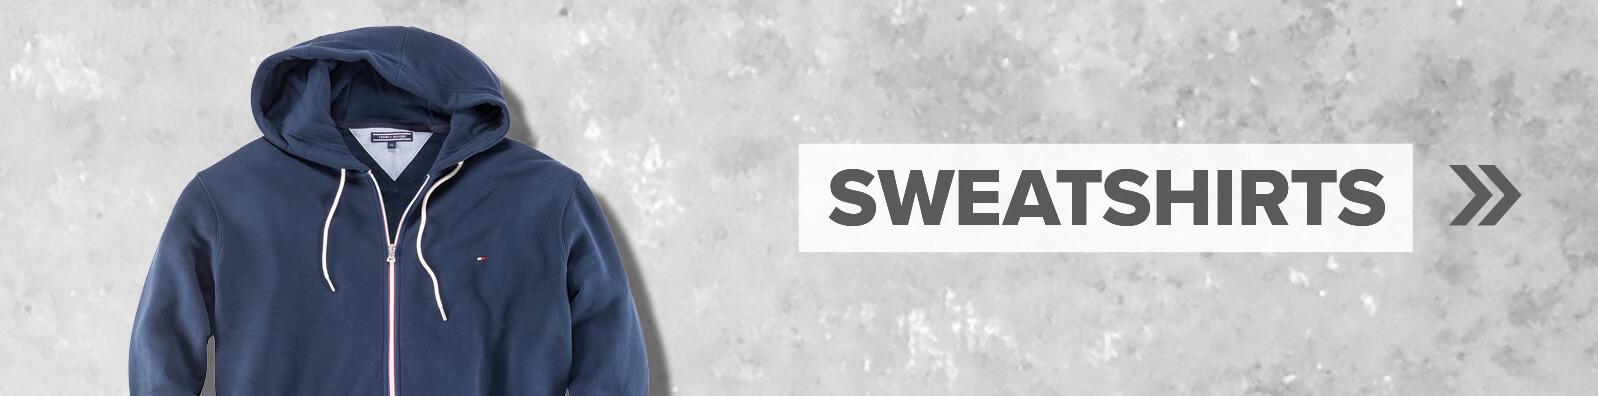 Schaltfläche für die Kategorie Sweatshirts